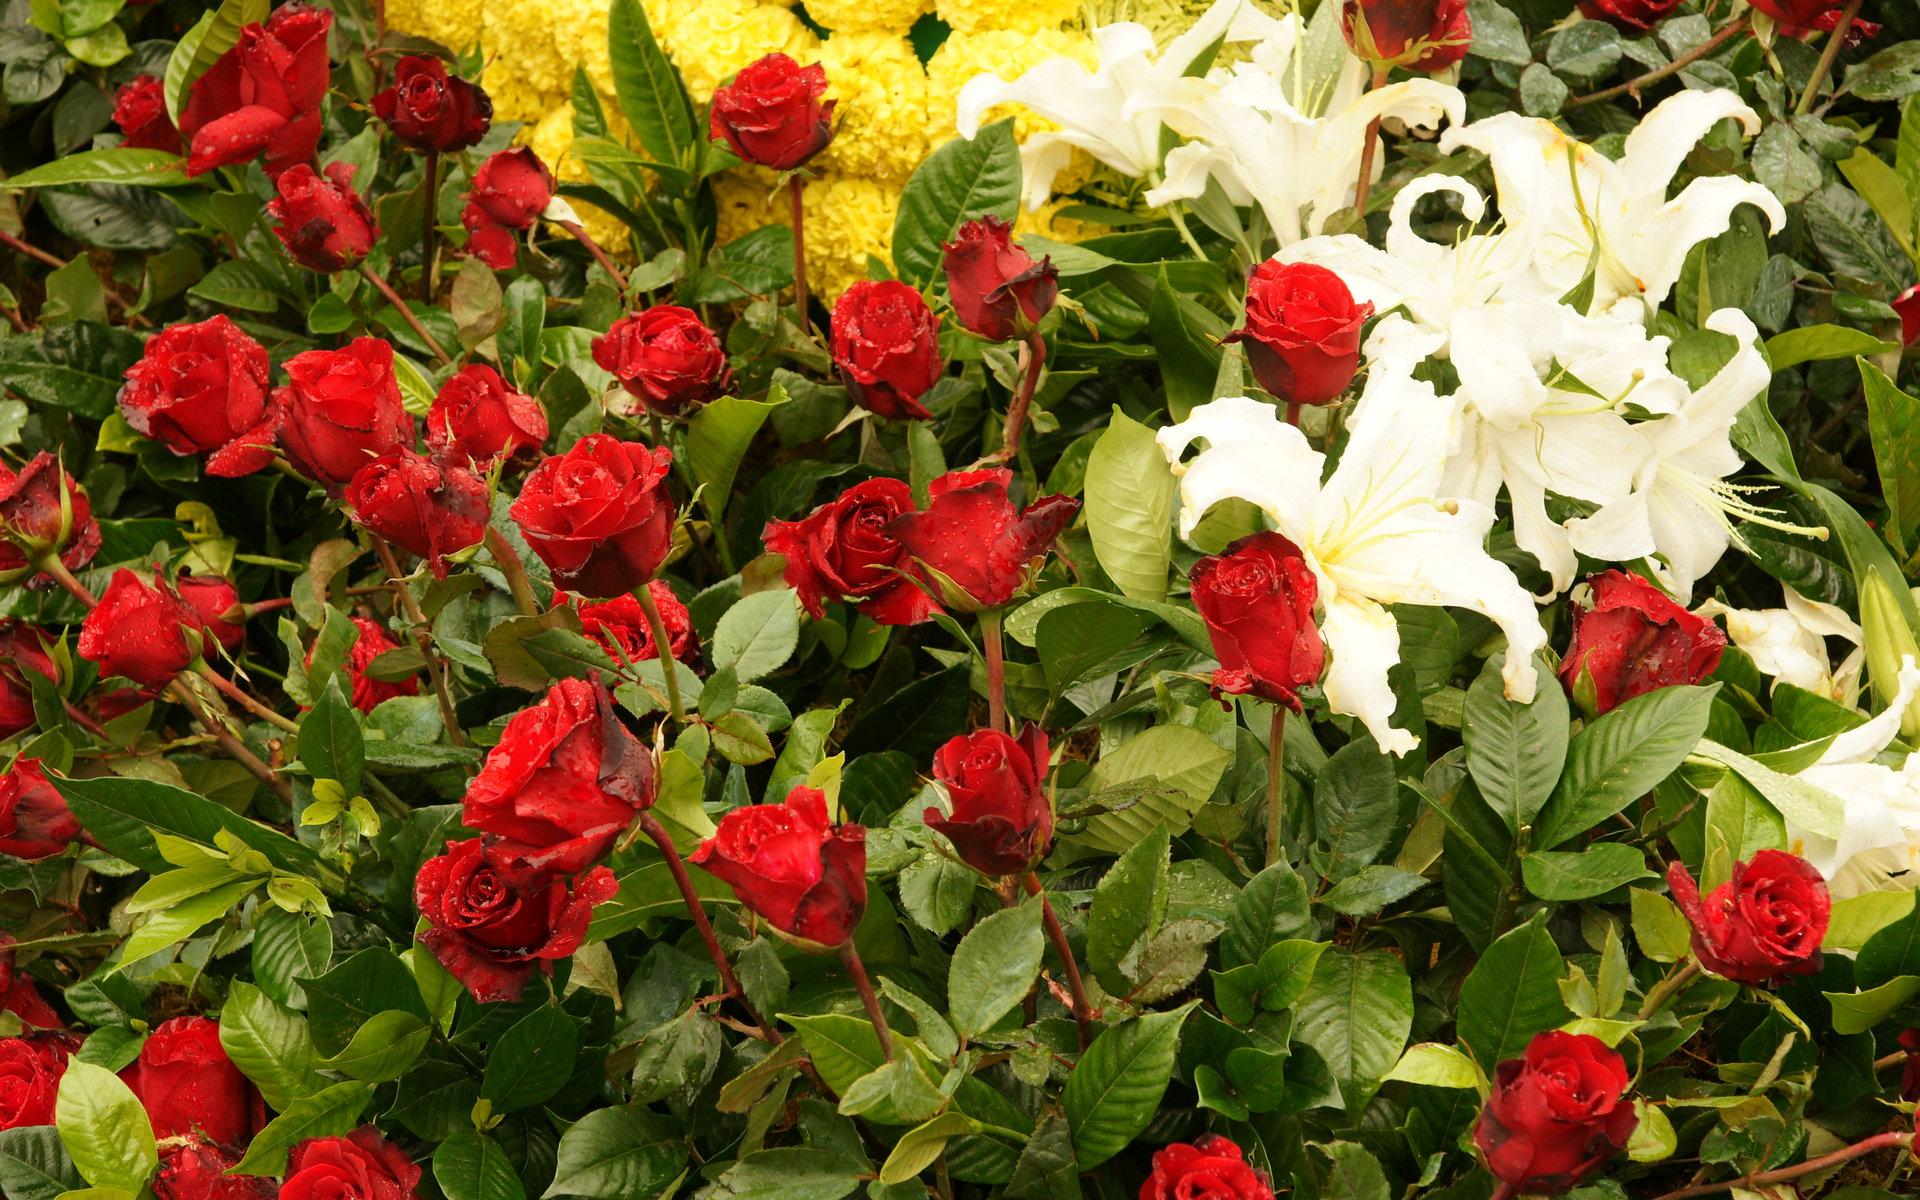 blossoming flowers widescreen wallpaper